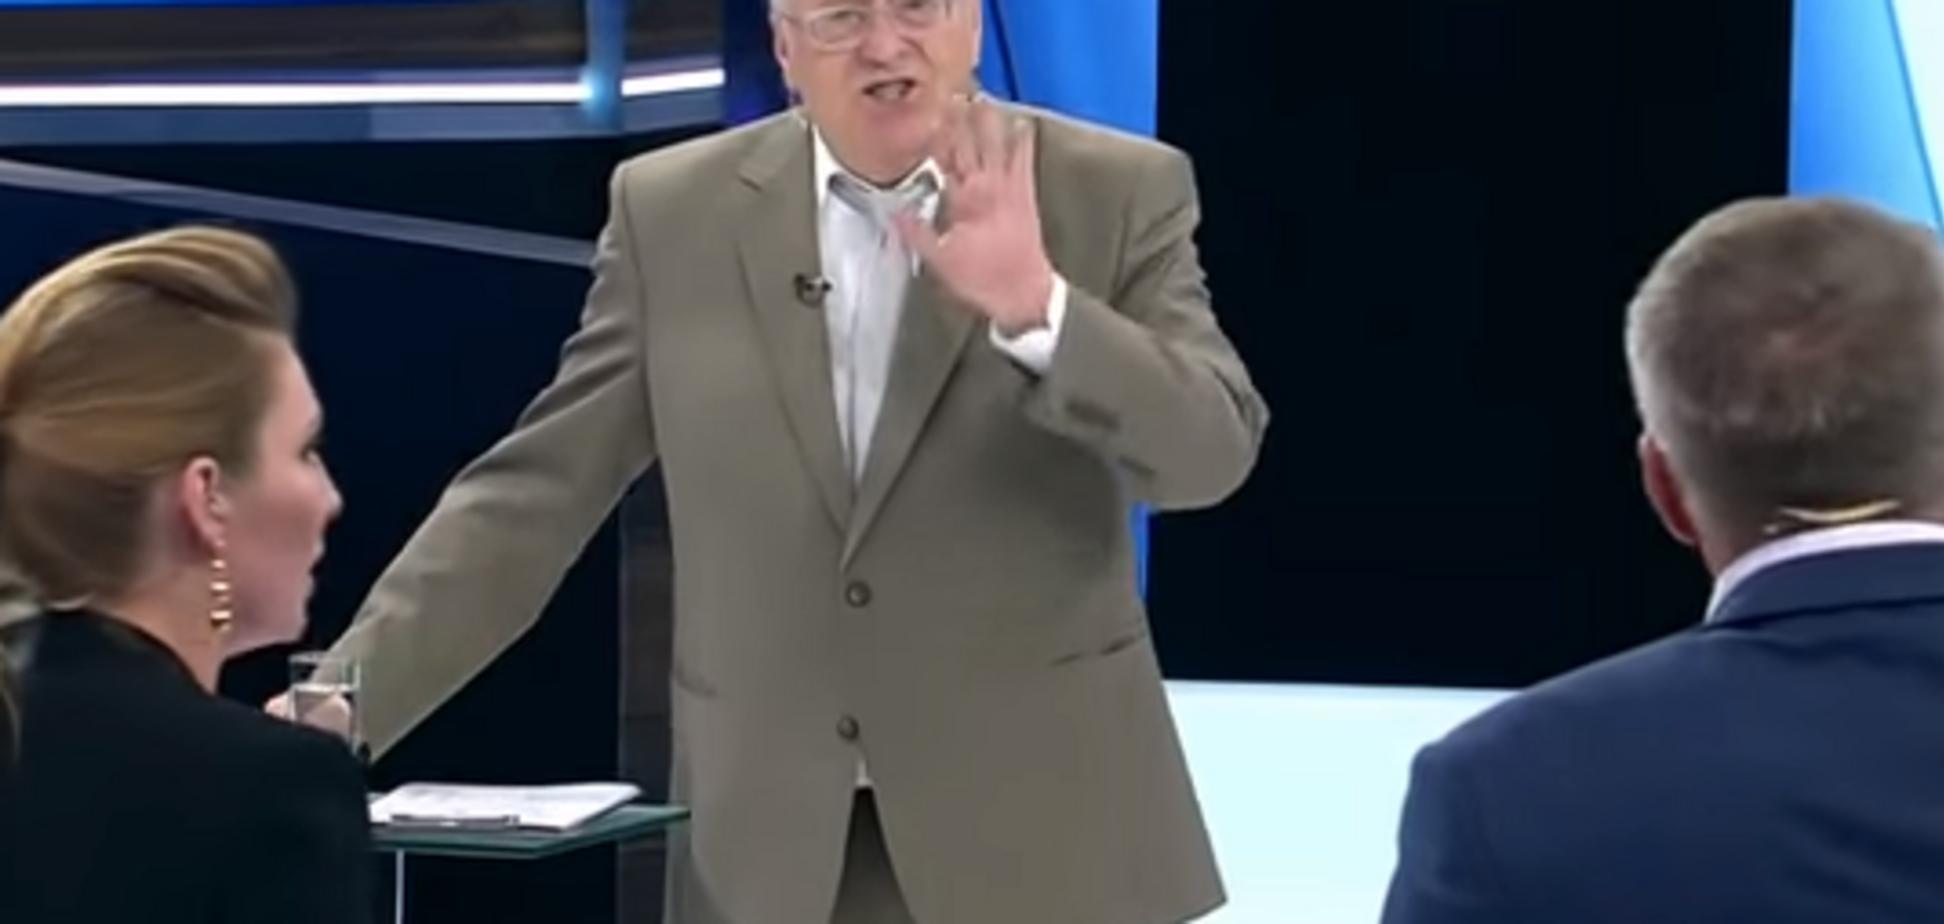 'України не буде!' Жириновський видав новий імперський план поділу країни